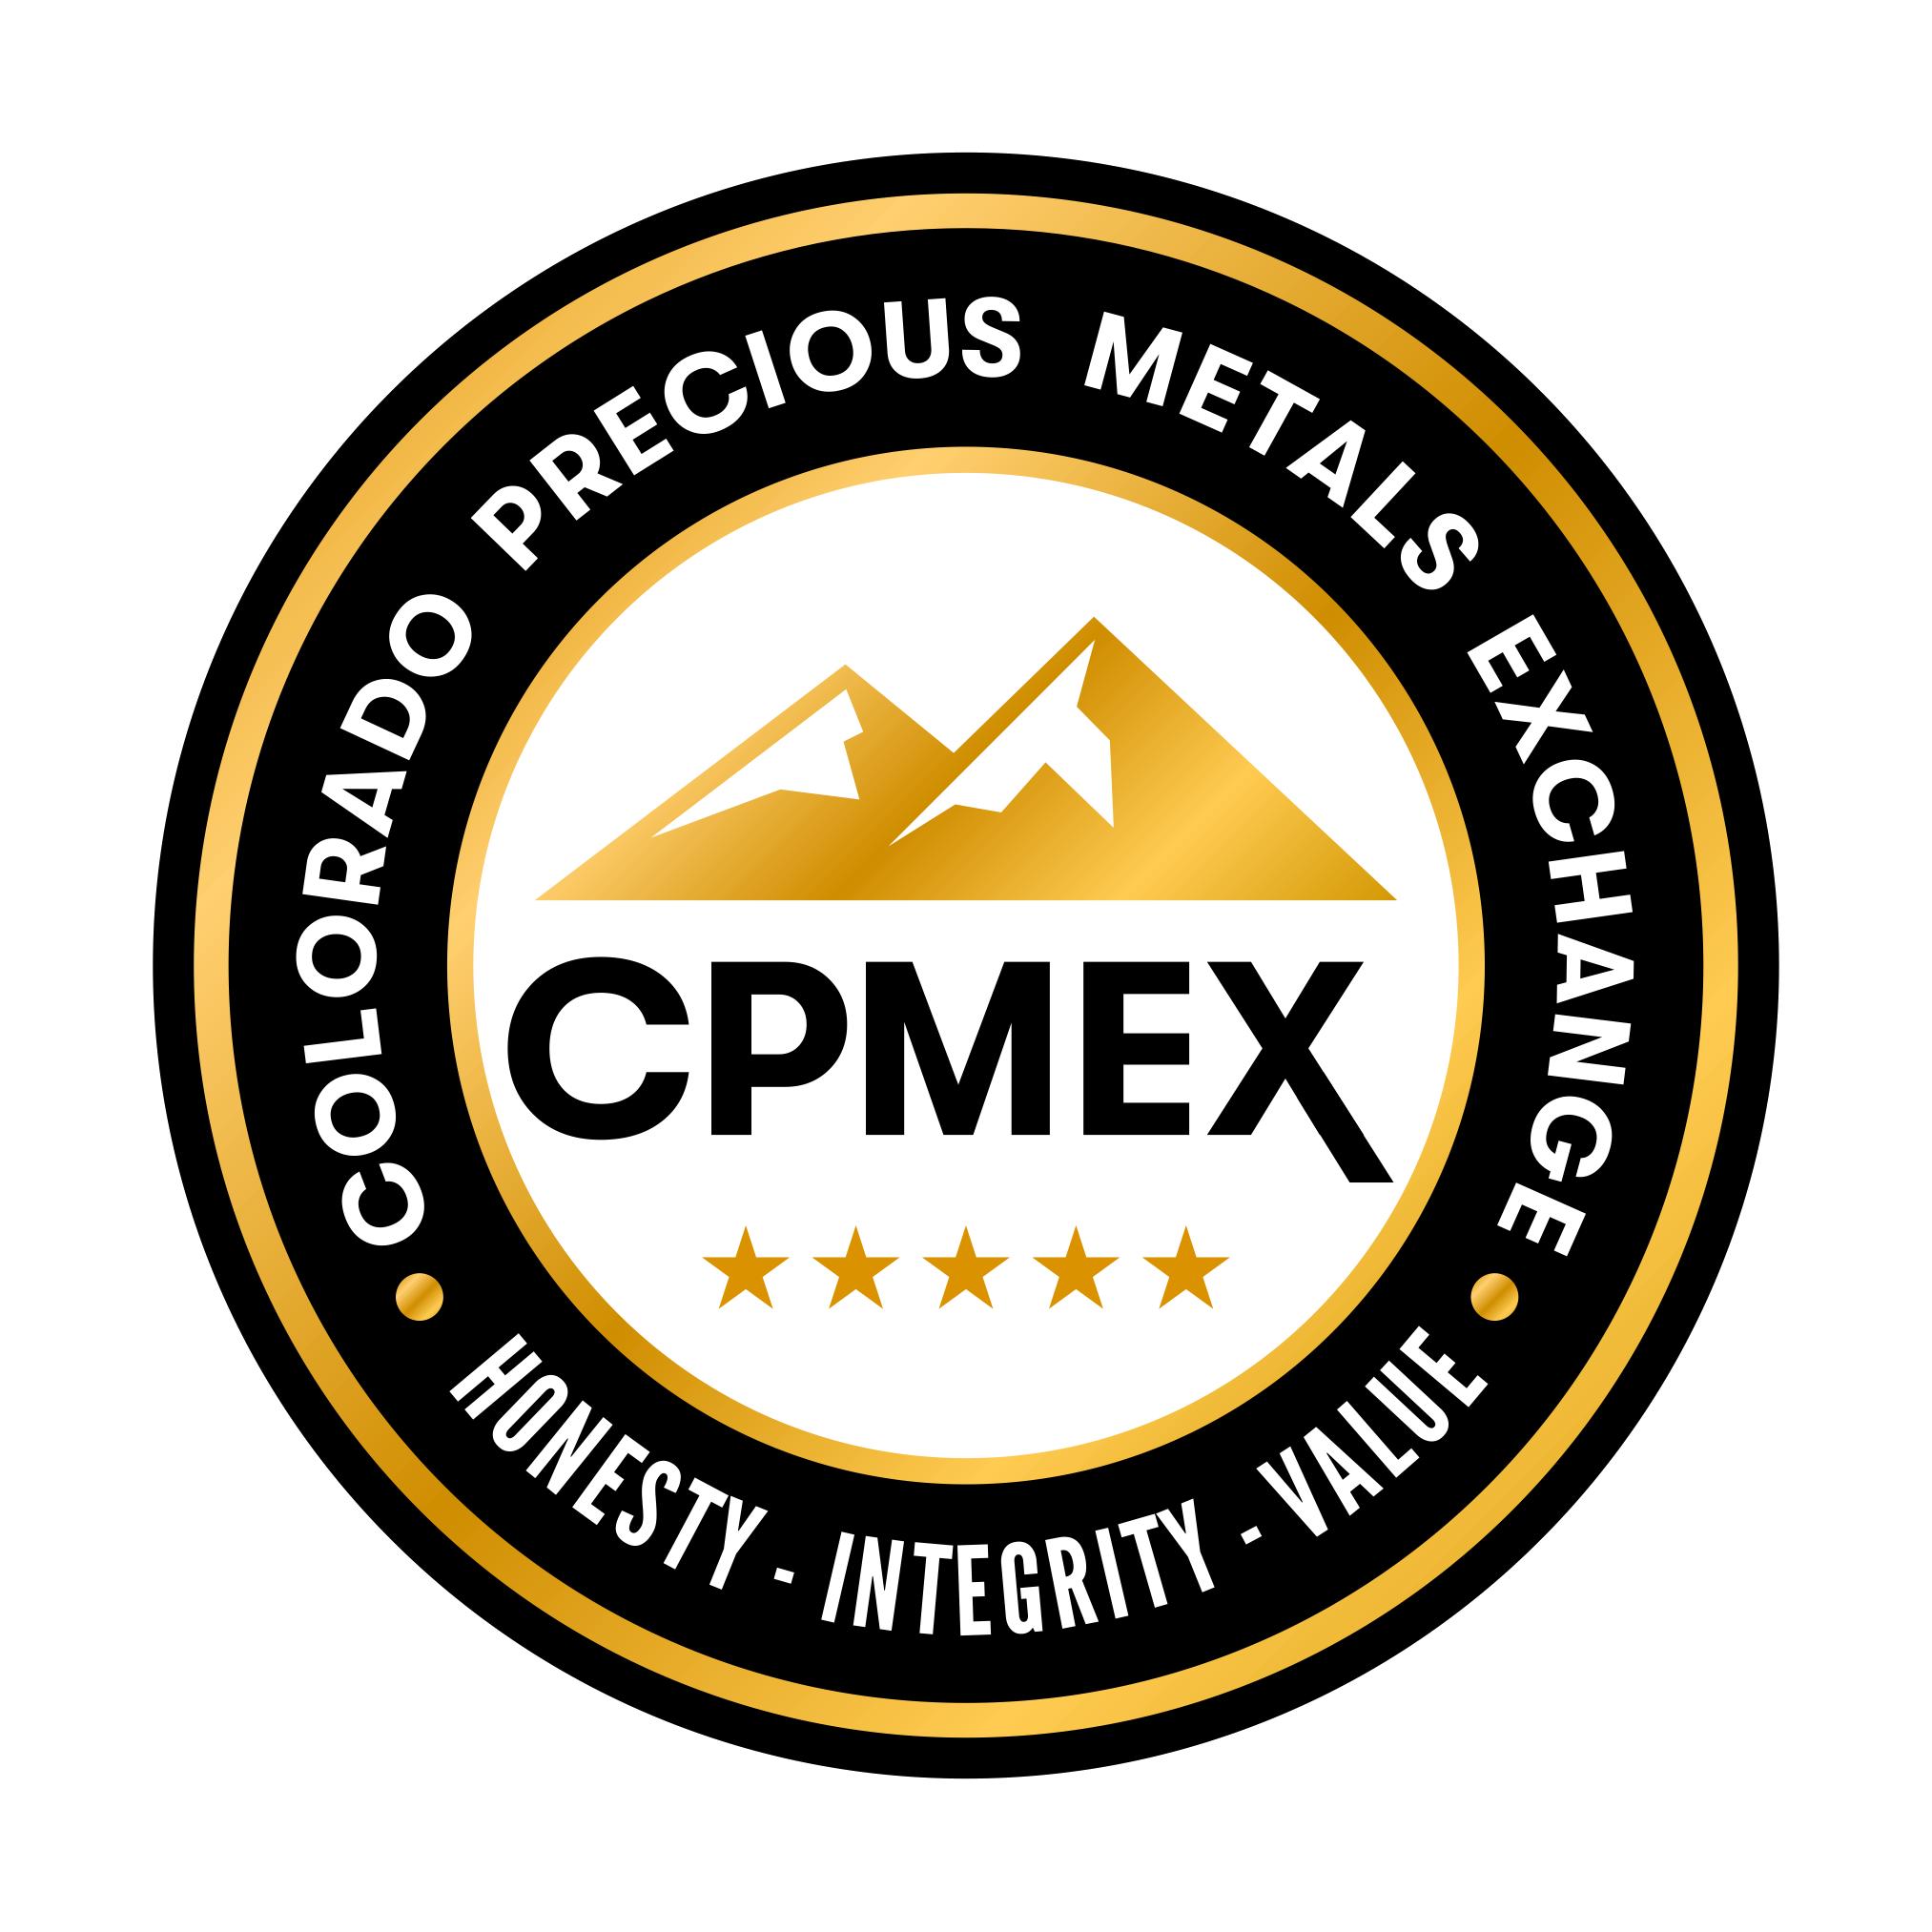 colorado precious metals and coins